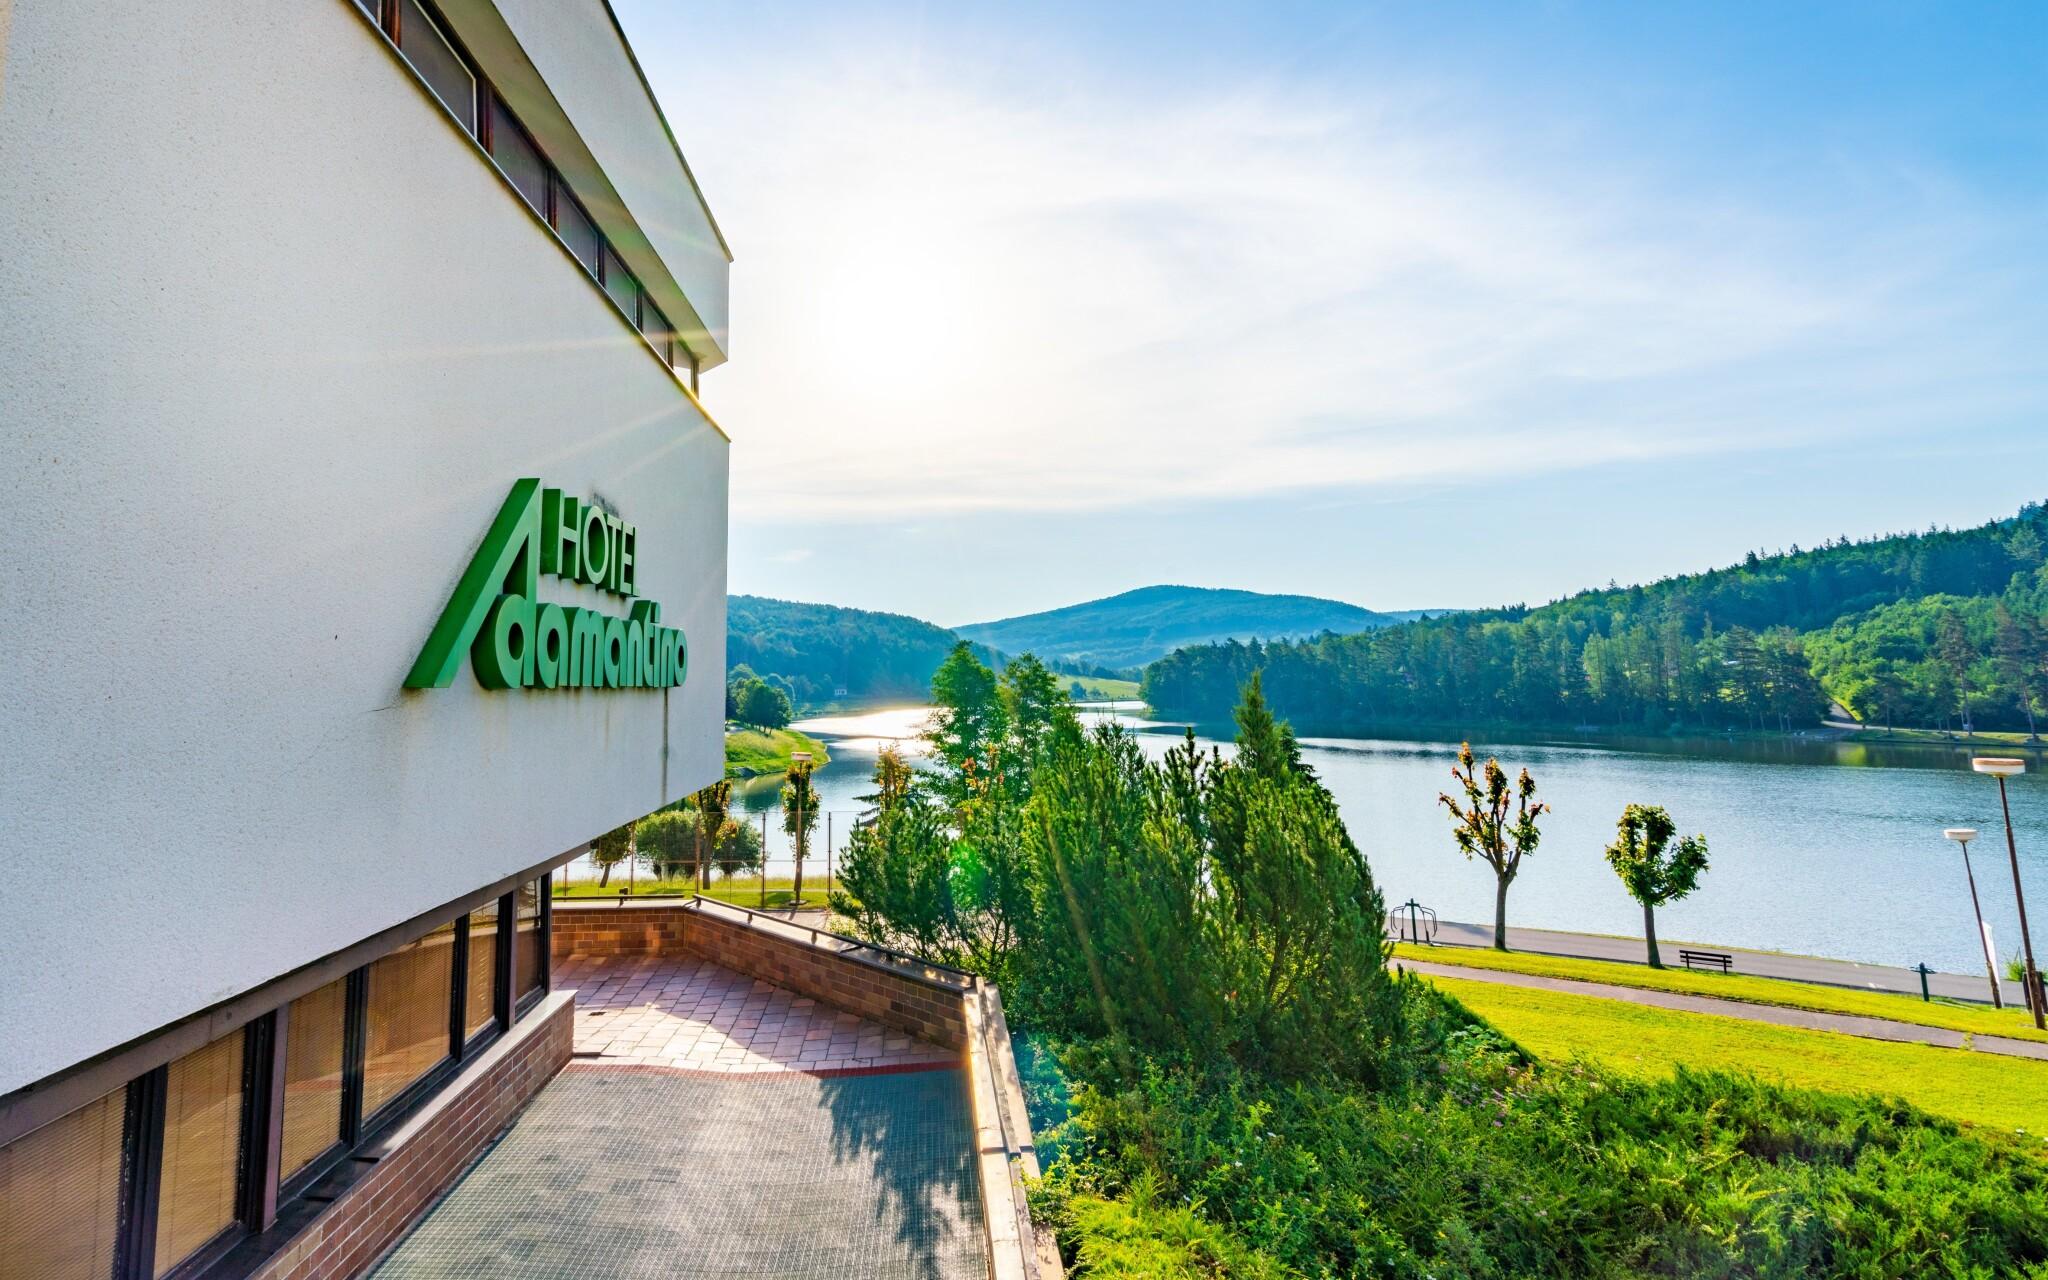 Hotel Adamantino u prehrady Luhačovice